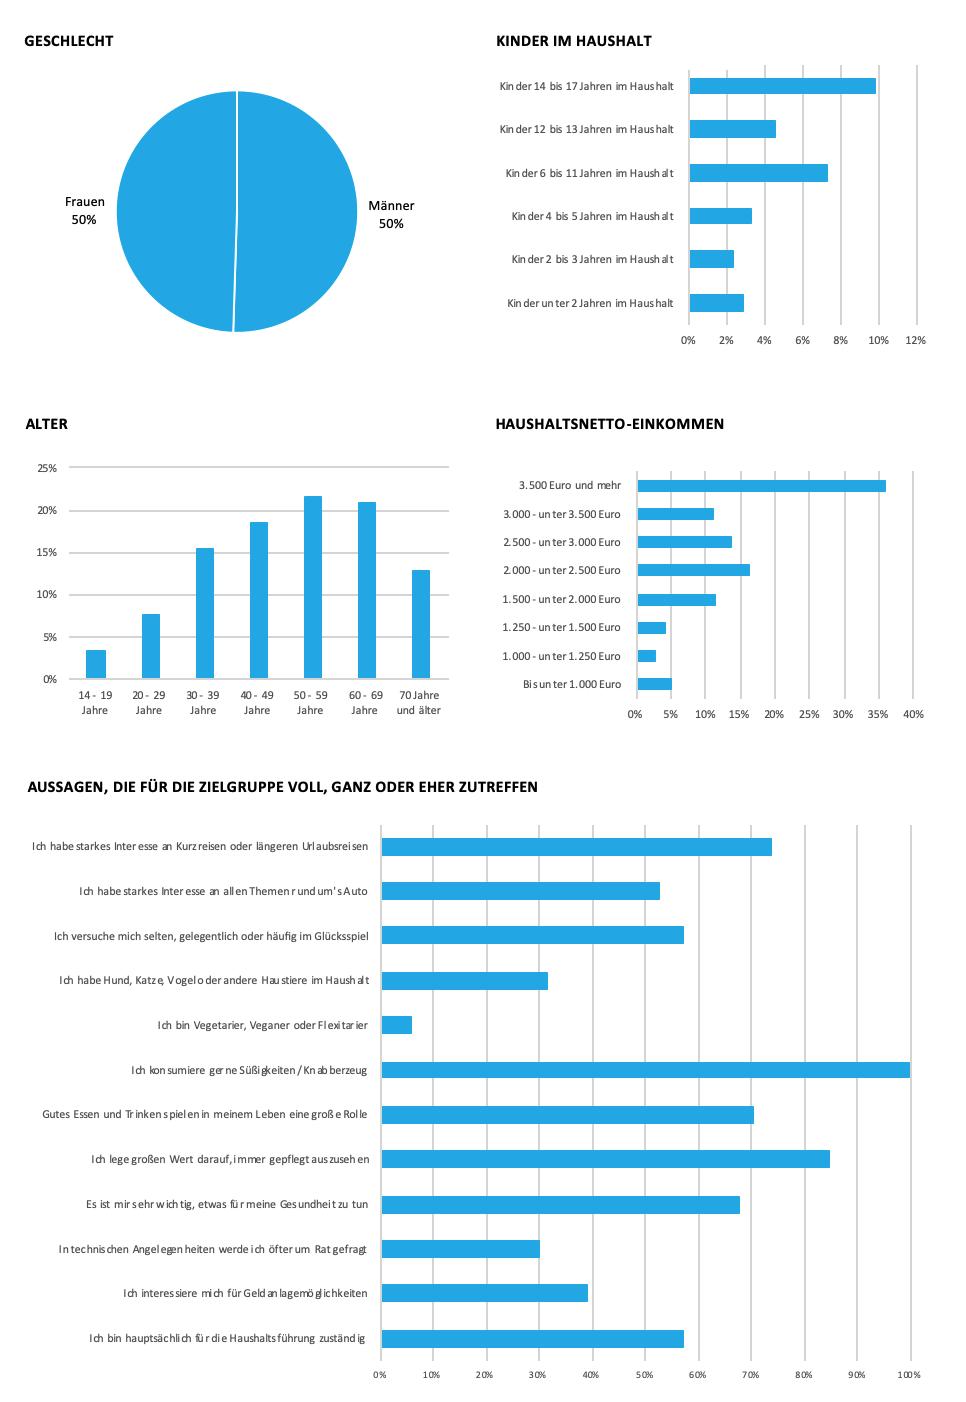 Grafik zu soziodemografischen Daten DocMorris